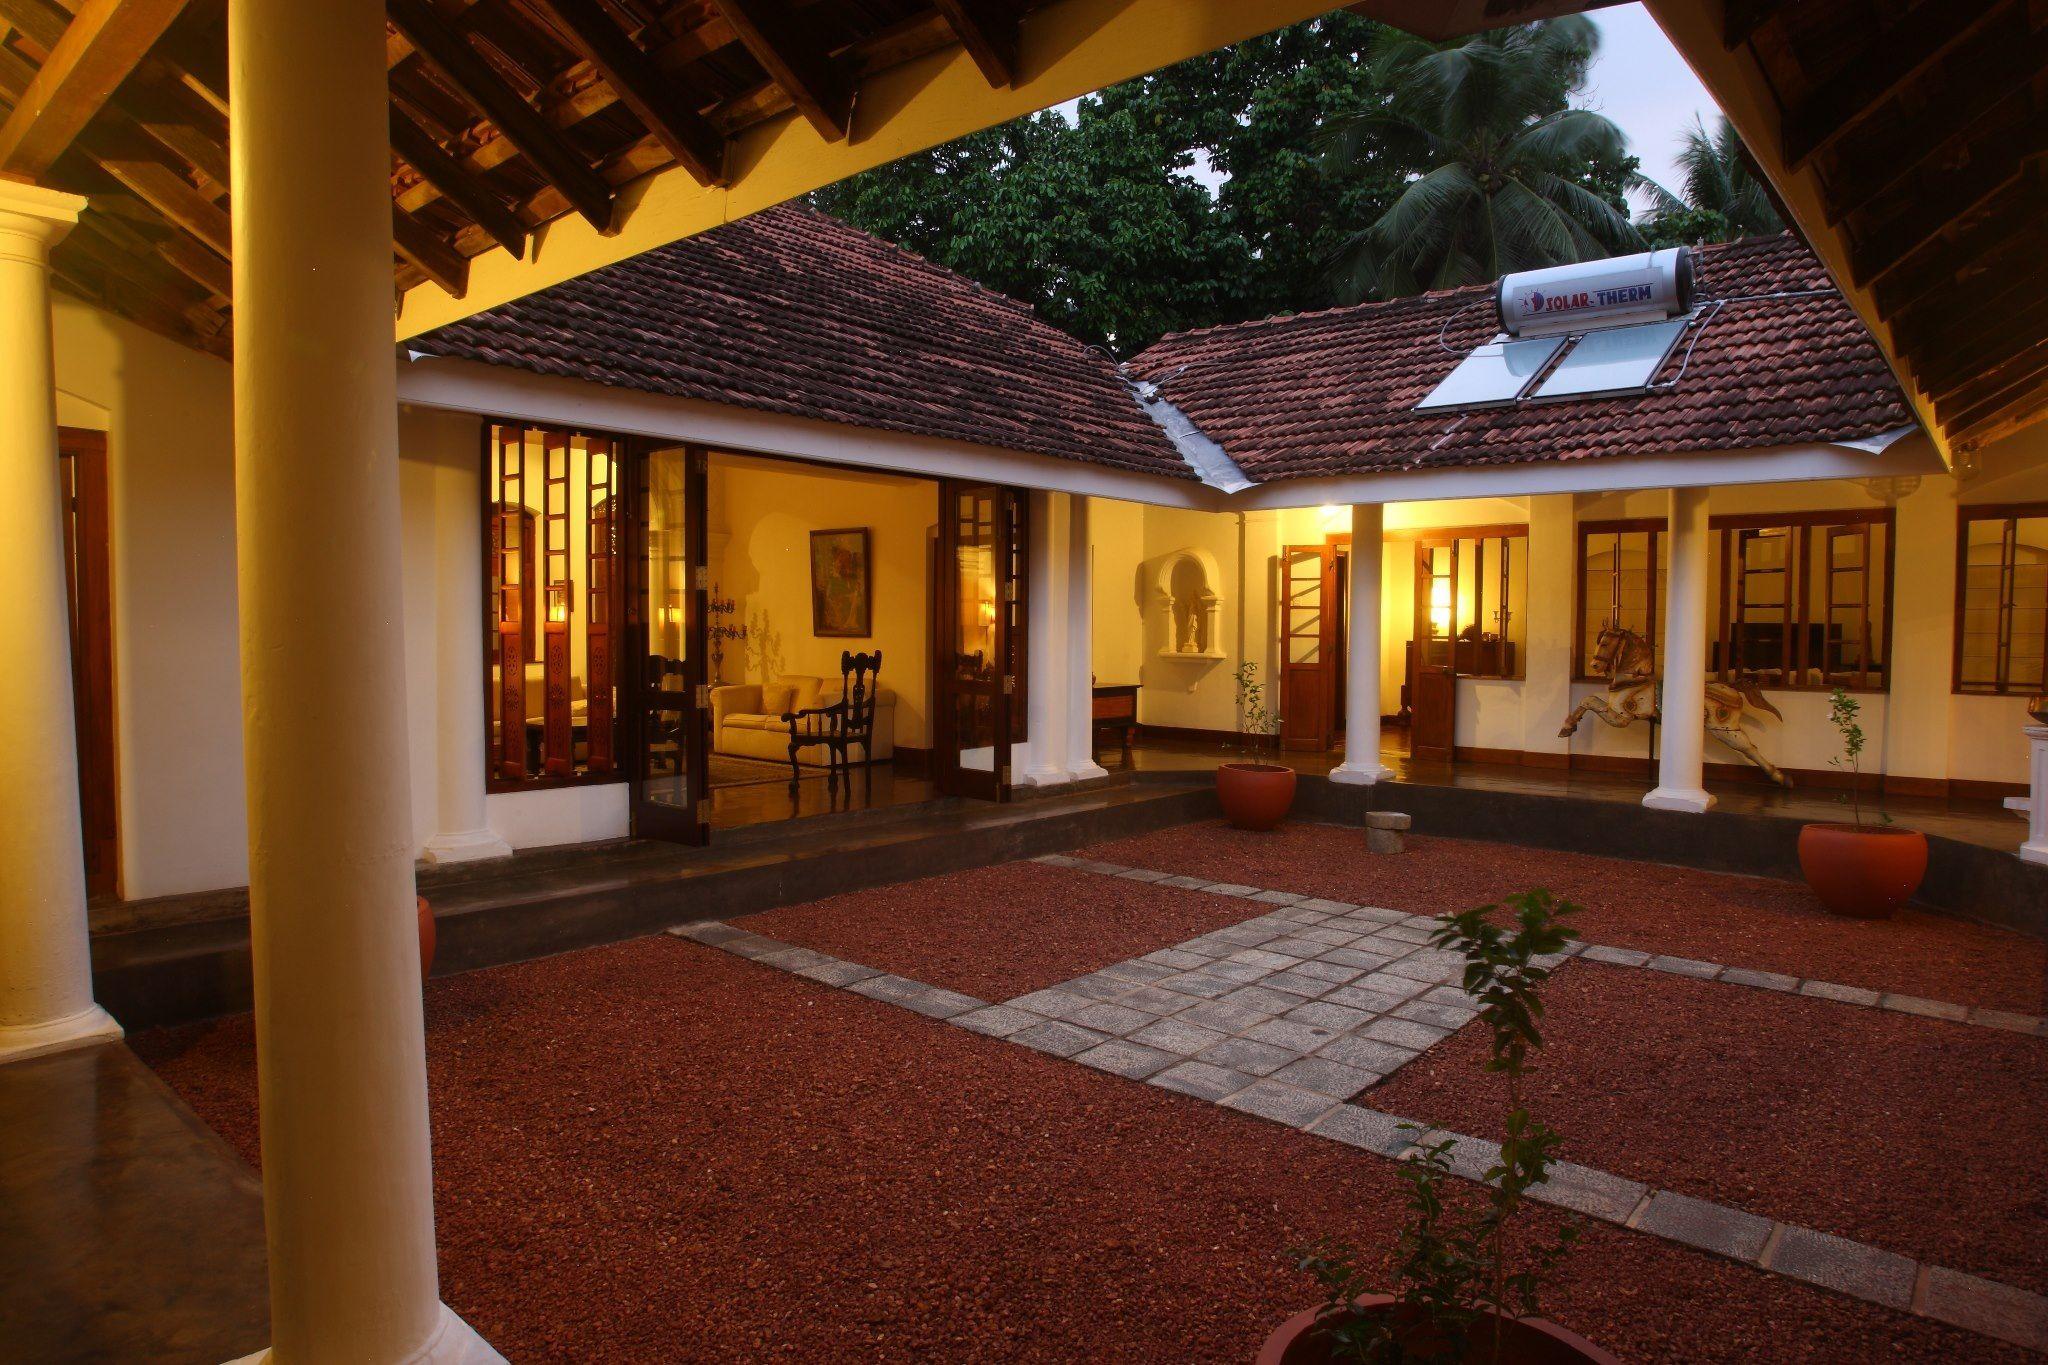 Mada Midula A Garden Within A House Village House Design